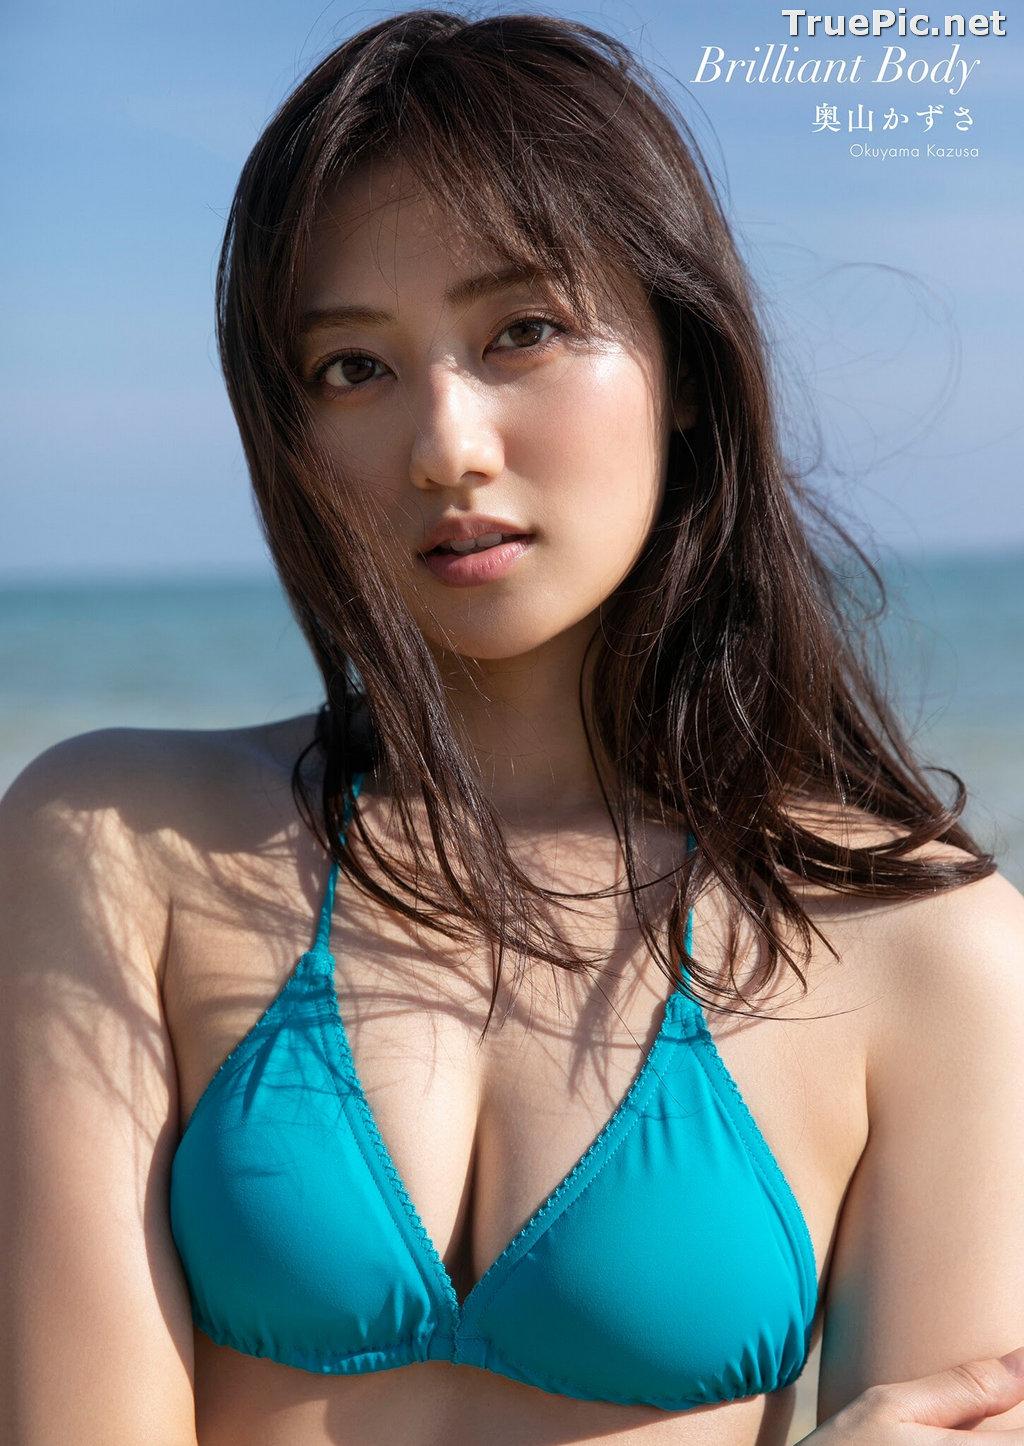 Image Brilliant Body 2020.05.18 - Japanese Actress and Model - Okuyama Kazusa (奥山かずさ) - TruePic.net - Picture-1